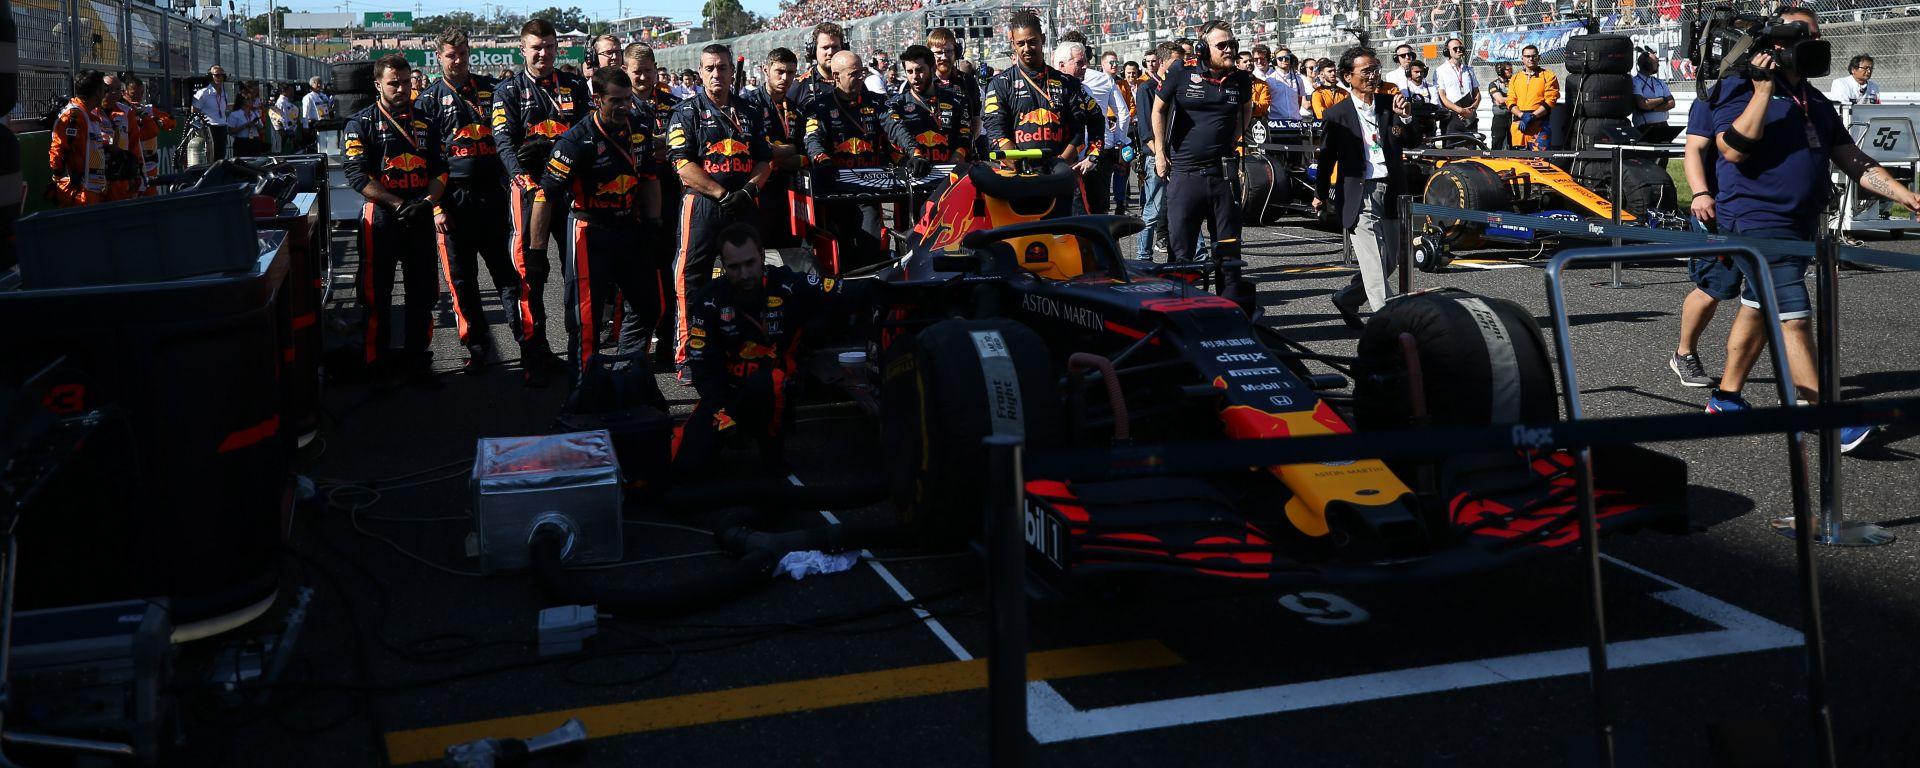 F1, GP Giappone 2019: il team Red Bull sulla griglia di partenza di Suzuka